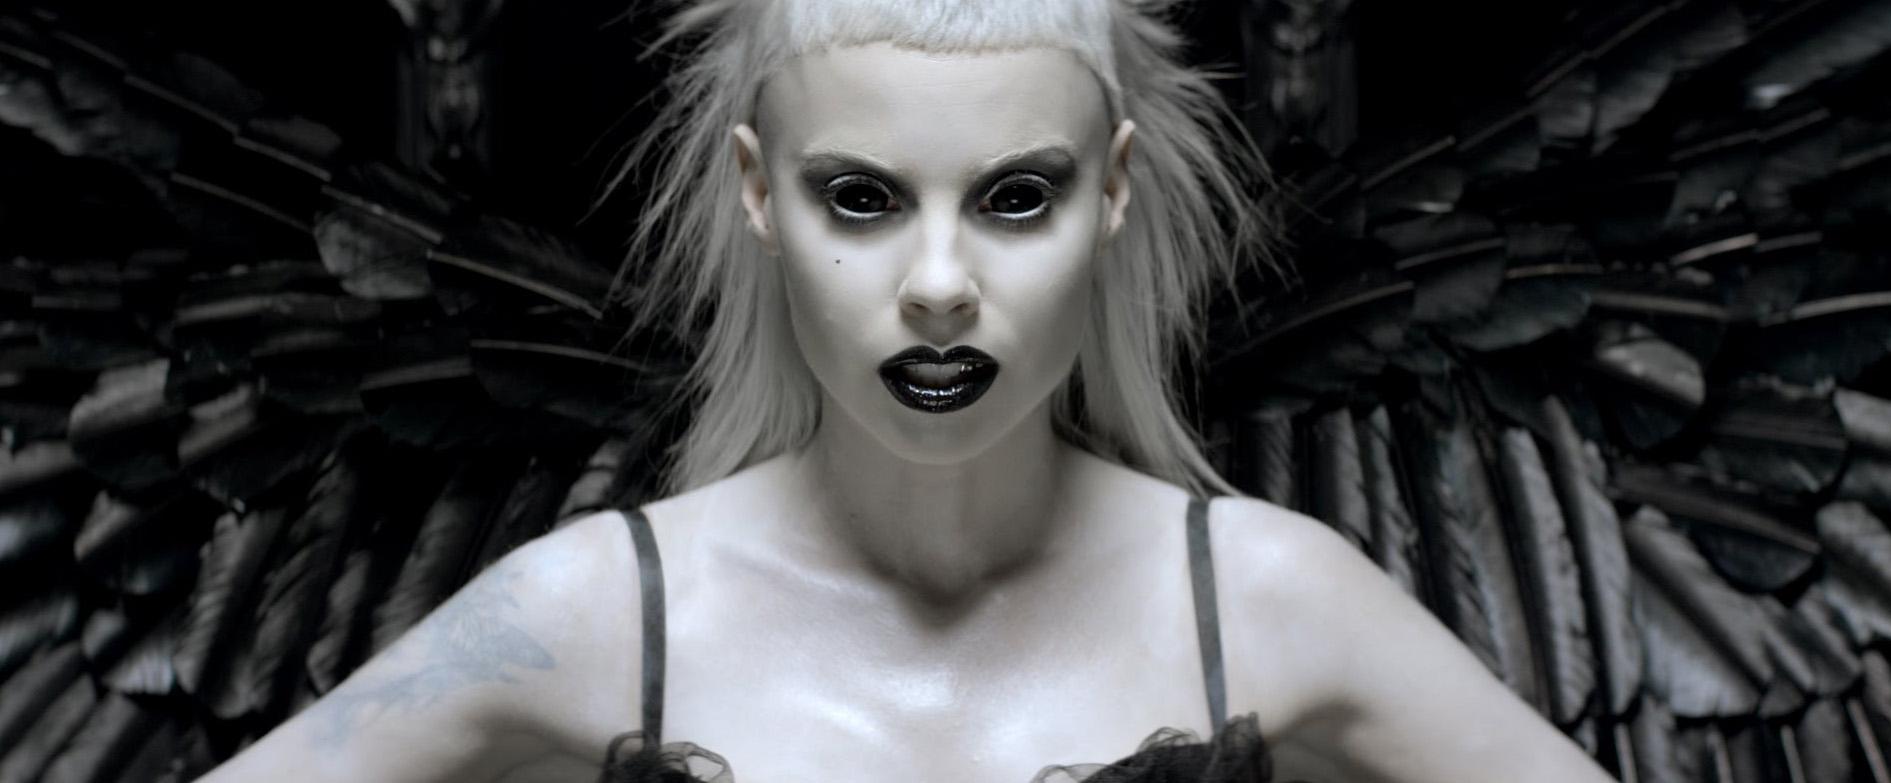 Кадр из клипа Die Antwoord - Ugly Boy